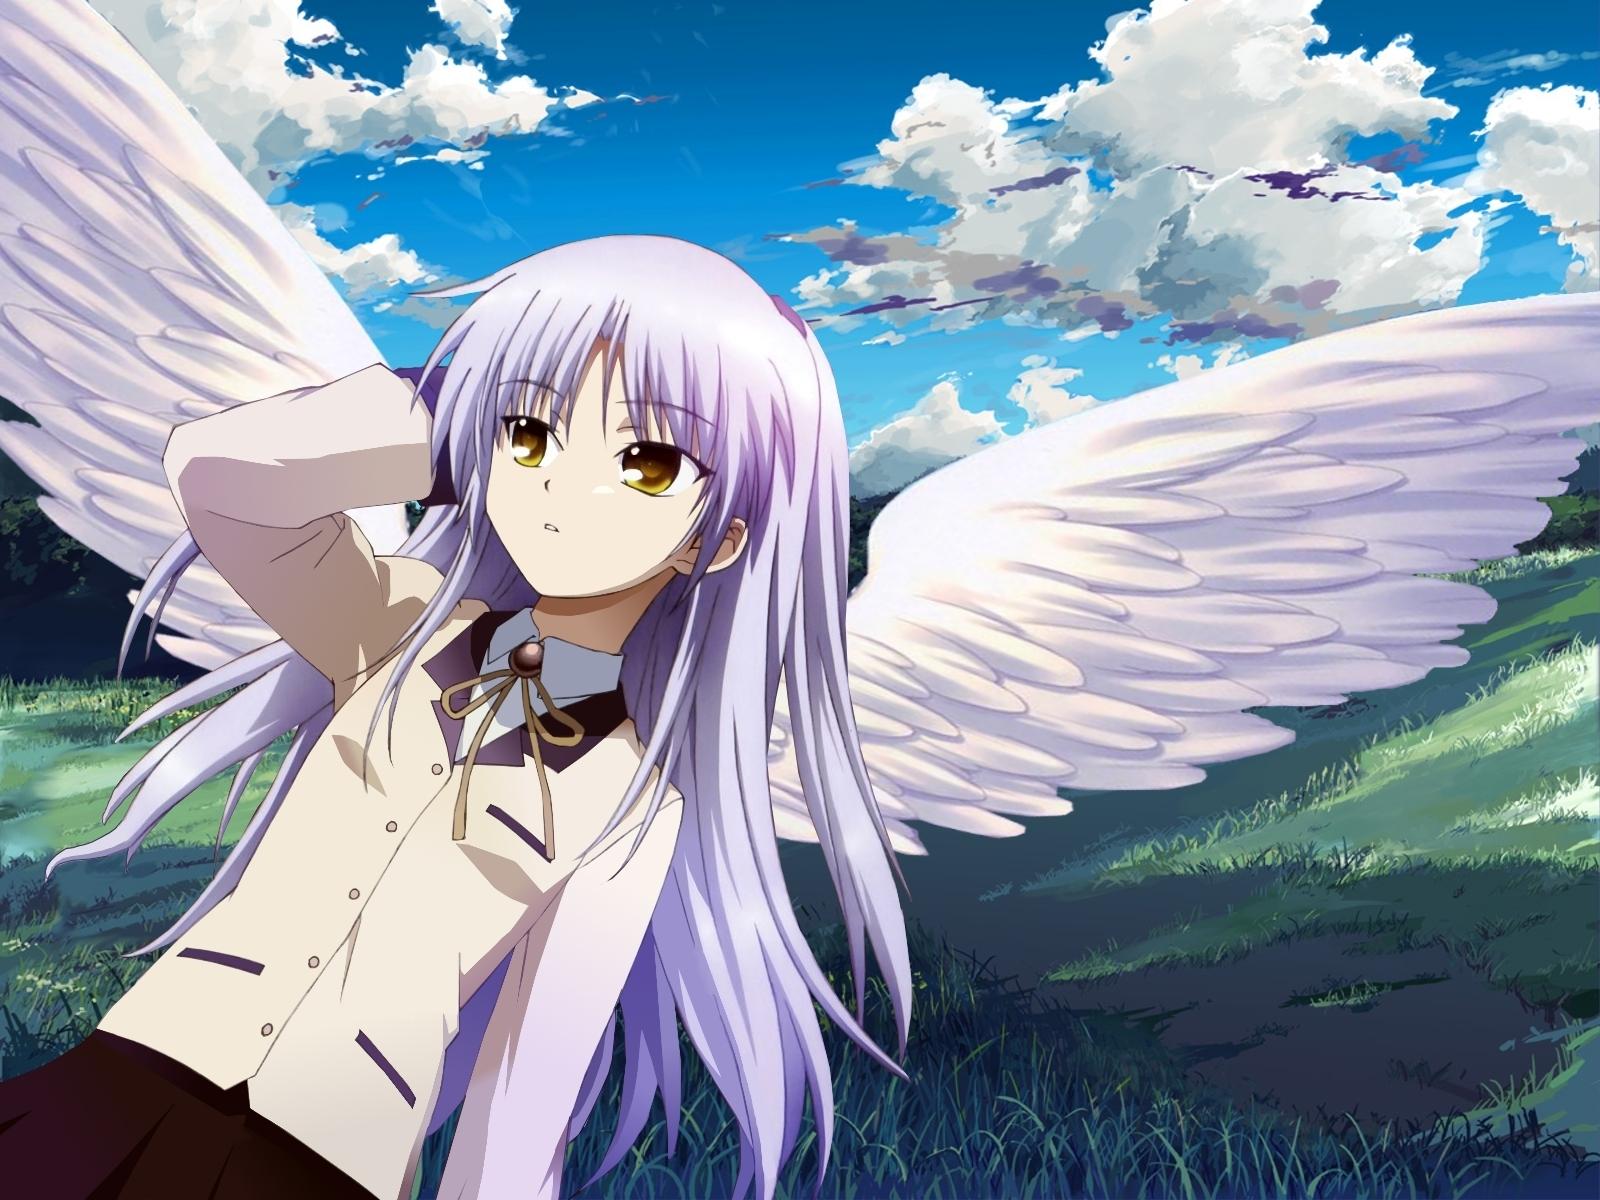 تقرير+صور+حلقات Angel Beats بعدّة جودات عالميديافير Wings-Of-Tenshi-ange